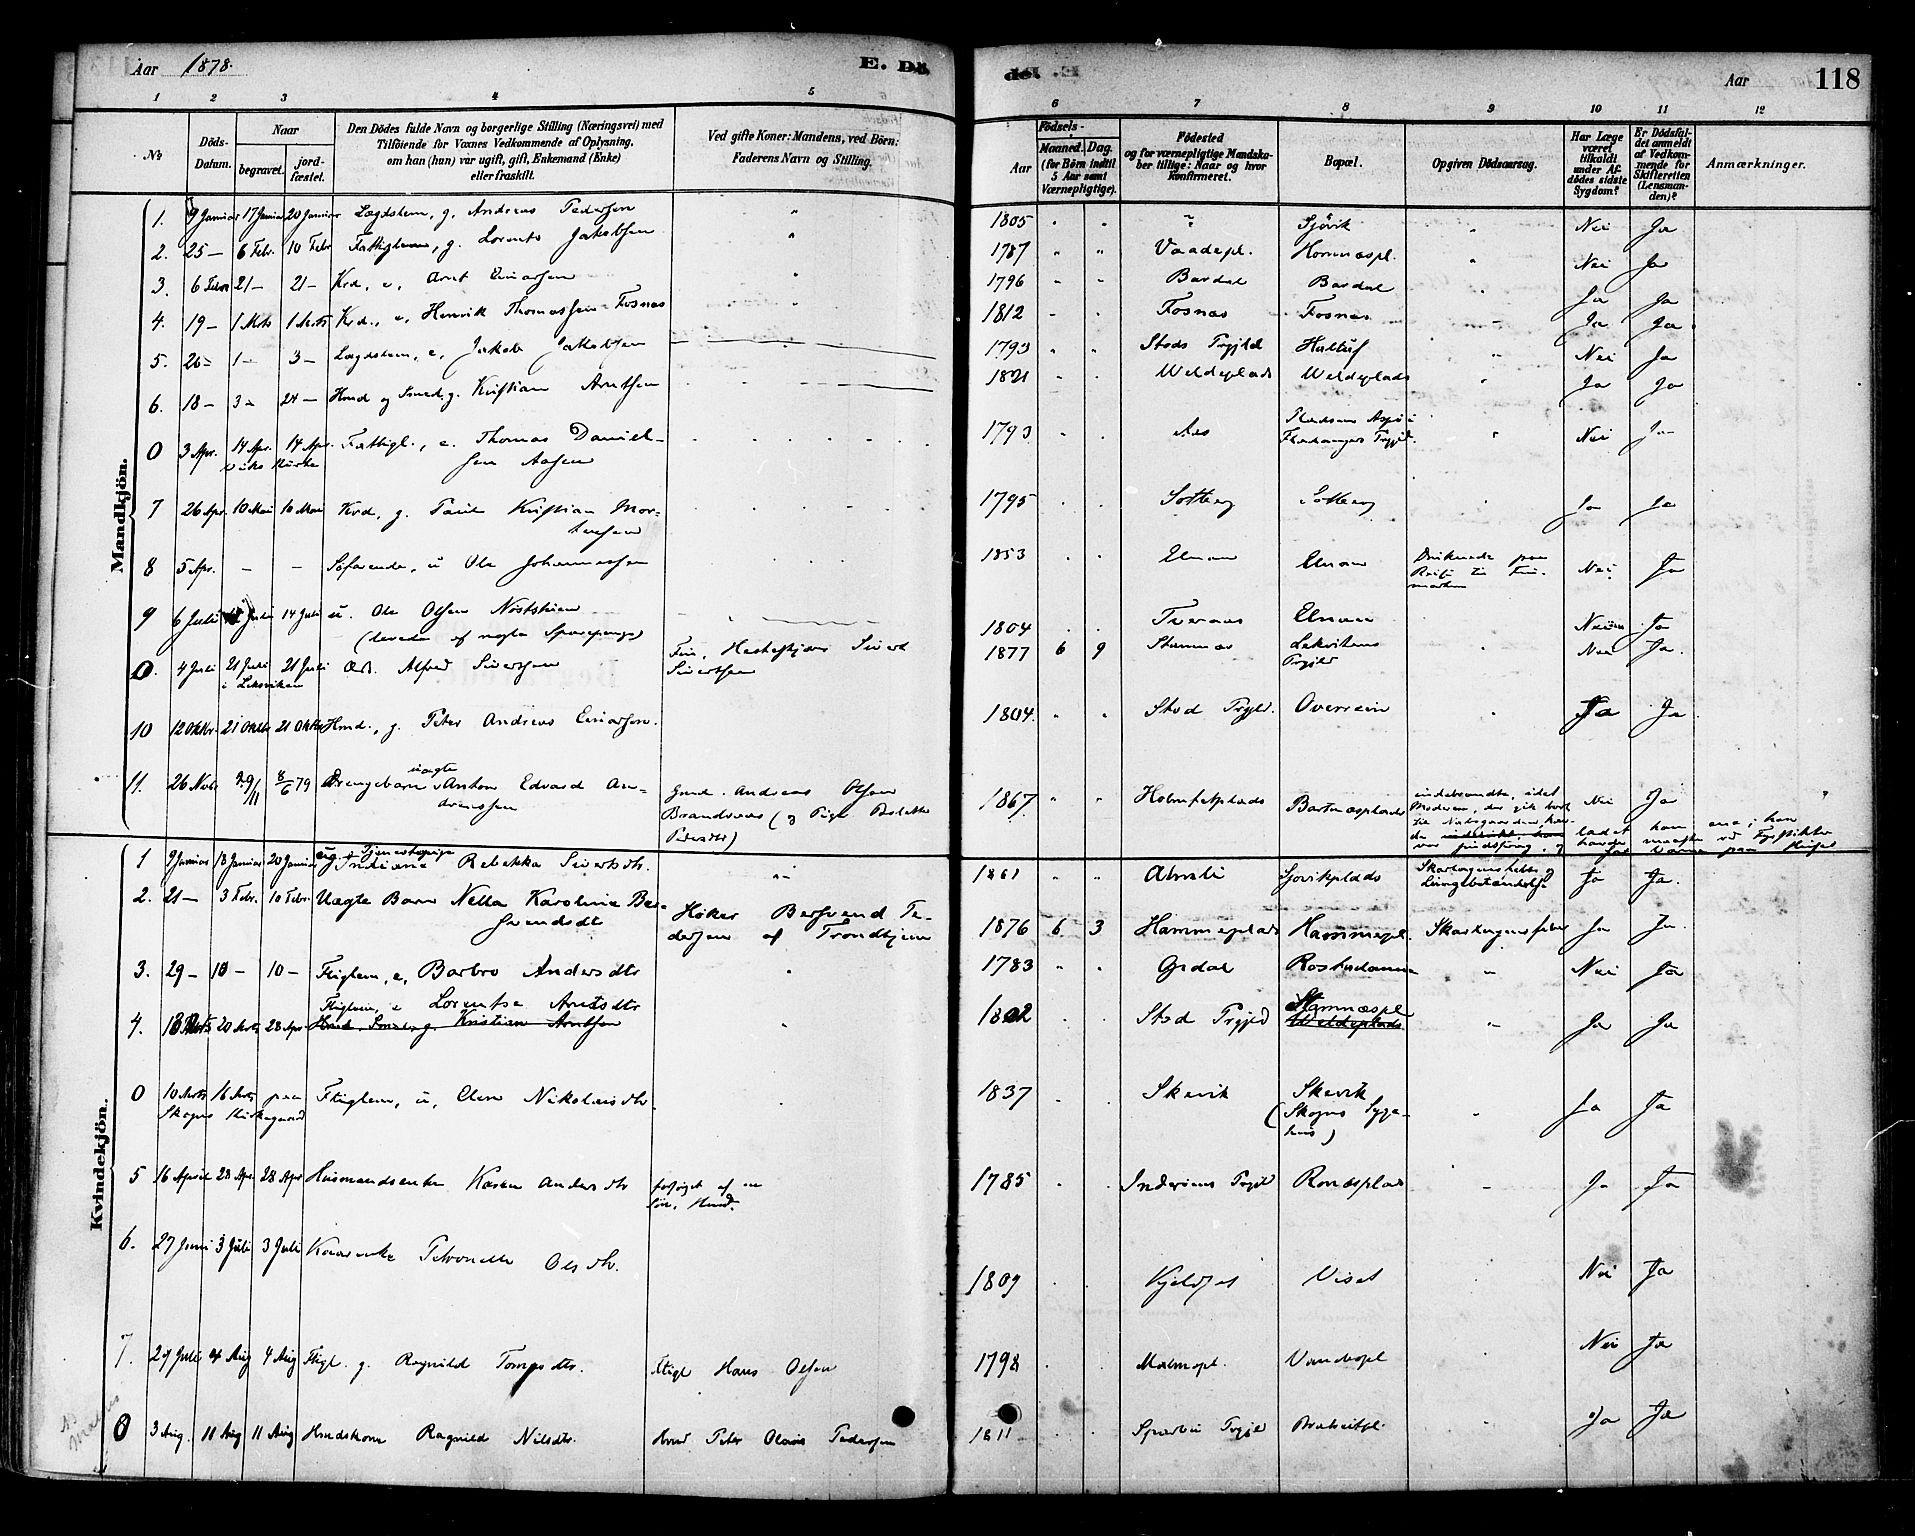 SAT, Ministerialprotokoller, klokkerbøker og fødselsregistre - Nord-Trøndelag, 741/L0395: Ministerialbok nr. 741A09, 1878-1888, s. 118